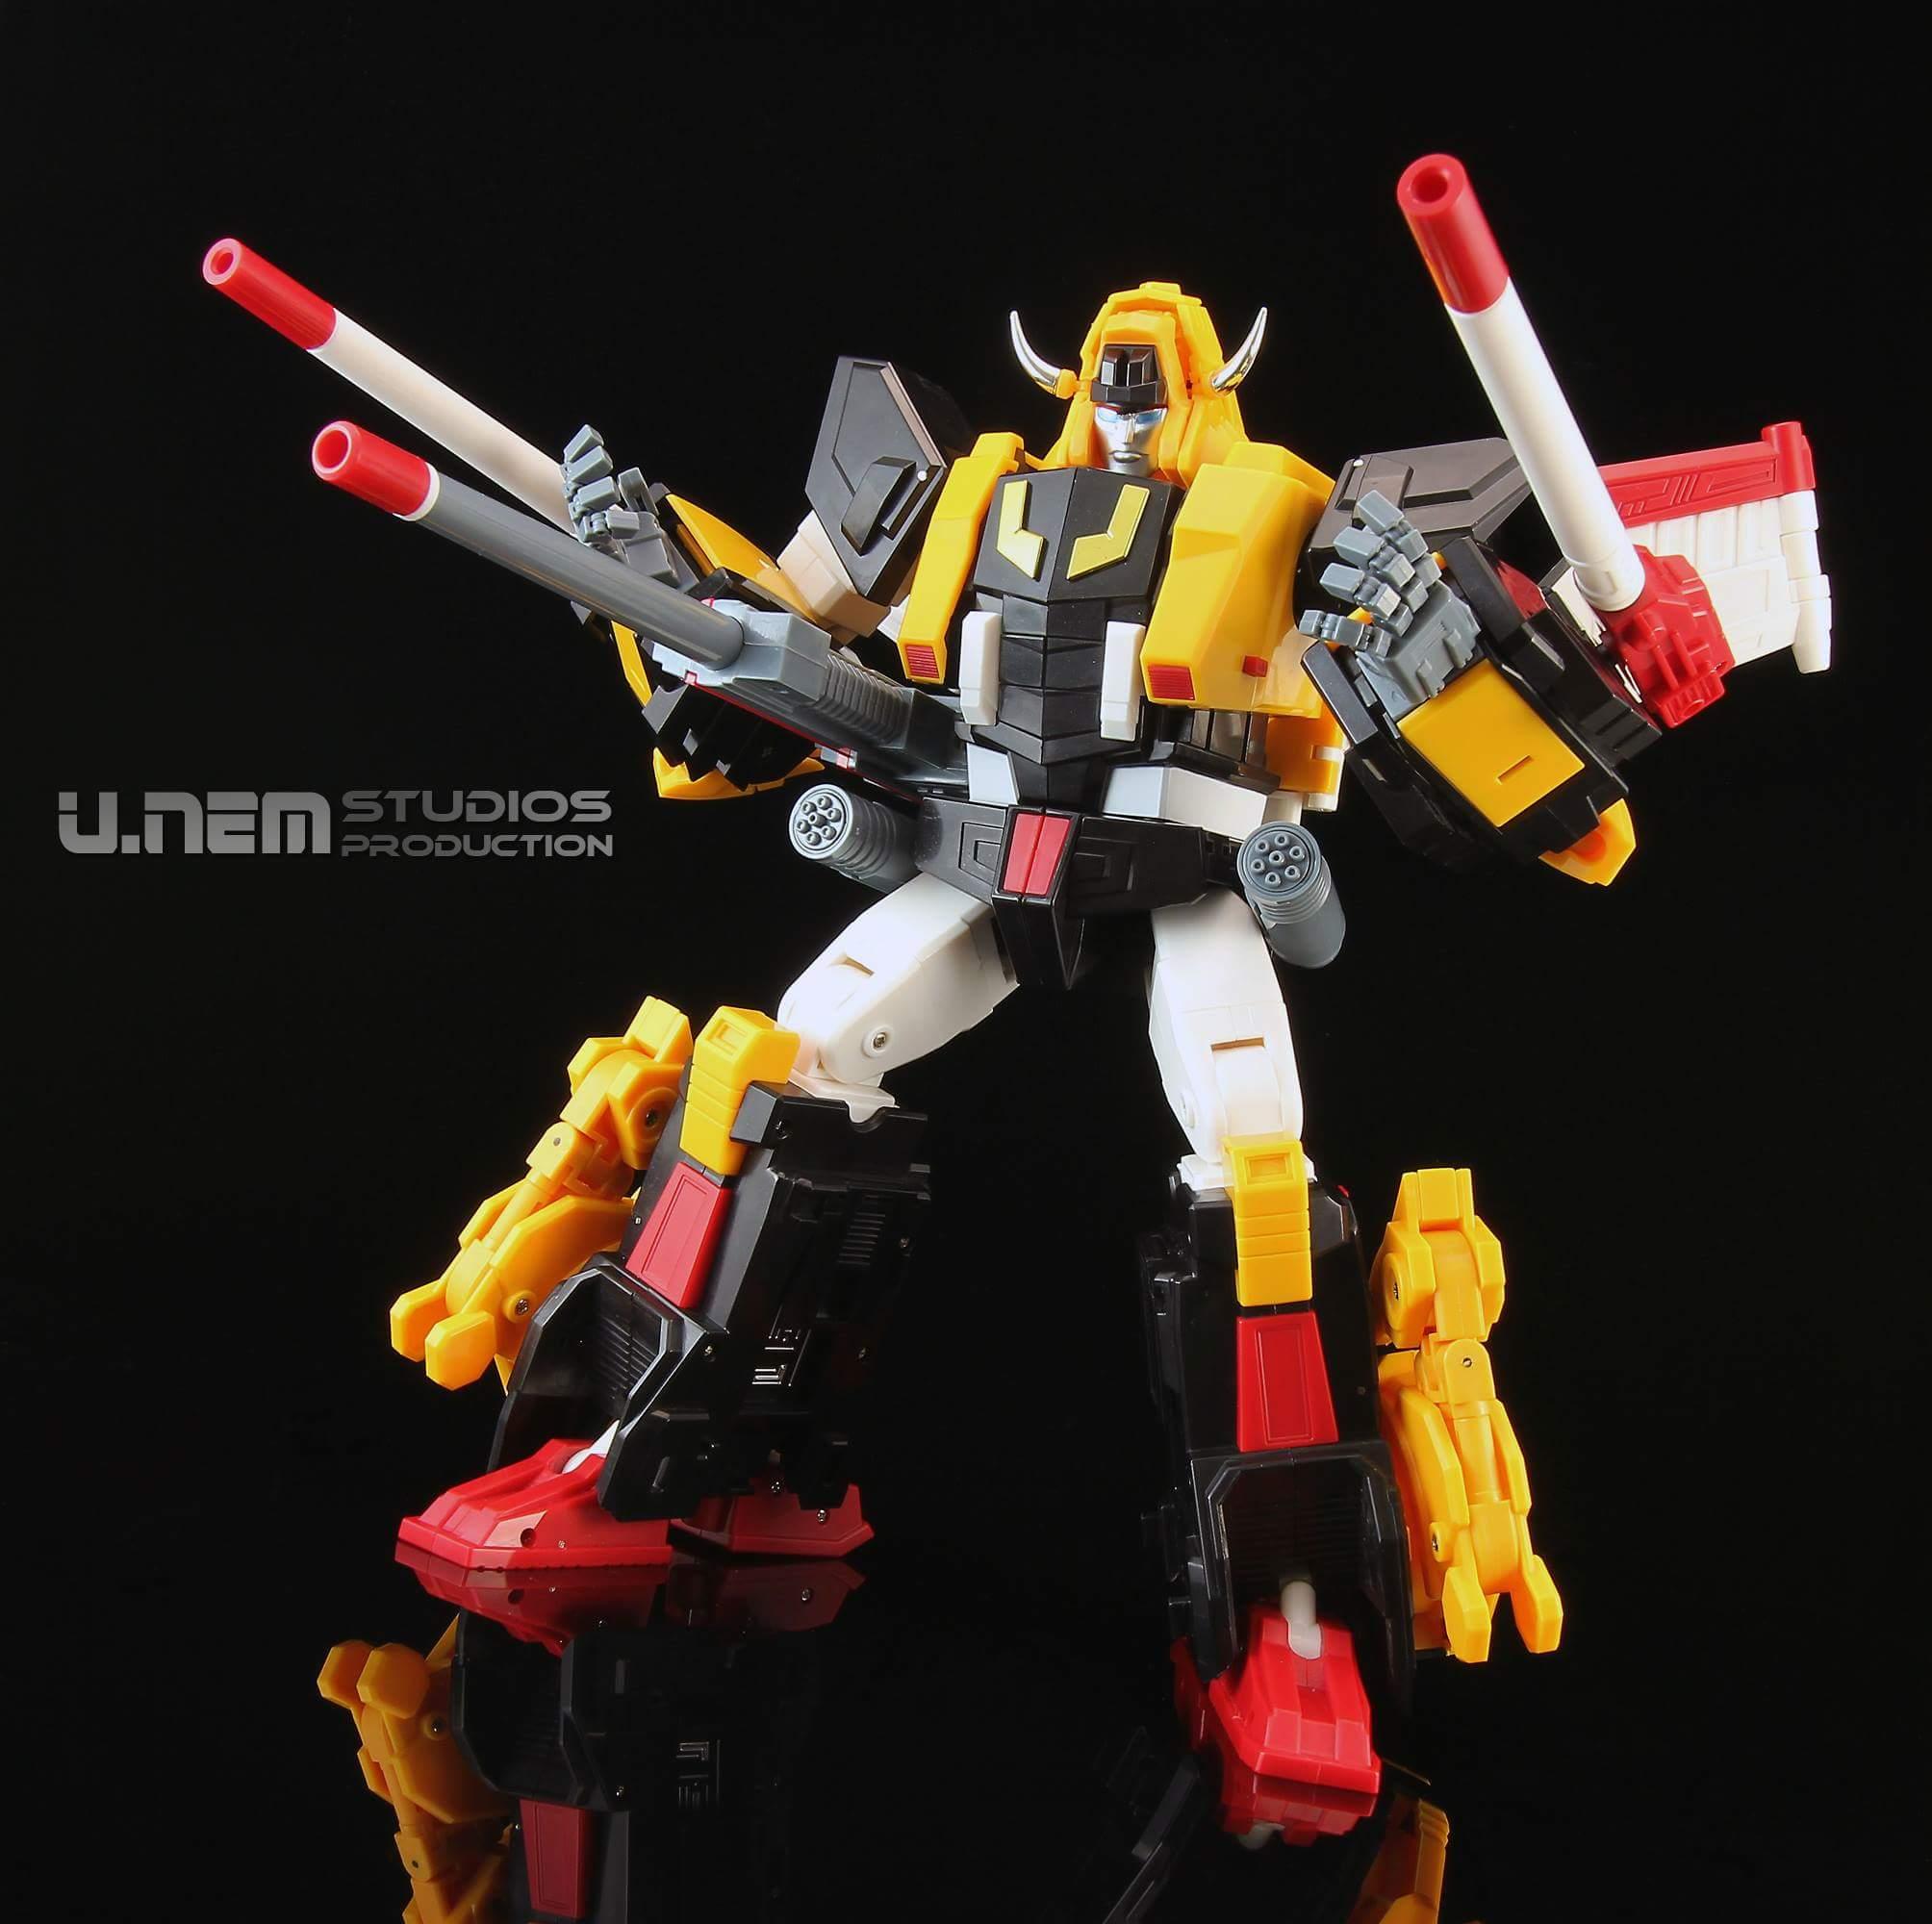 [KFC Toys] Produit Tiers - Jouet Phase 8-A Simba - aka Victory Leo (Transformers Victory) - Page 2 Sx0wks57